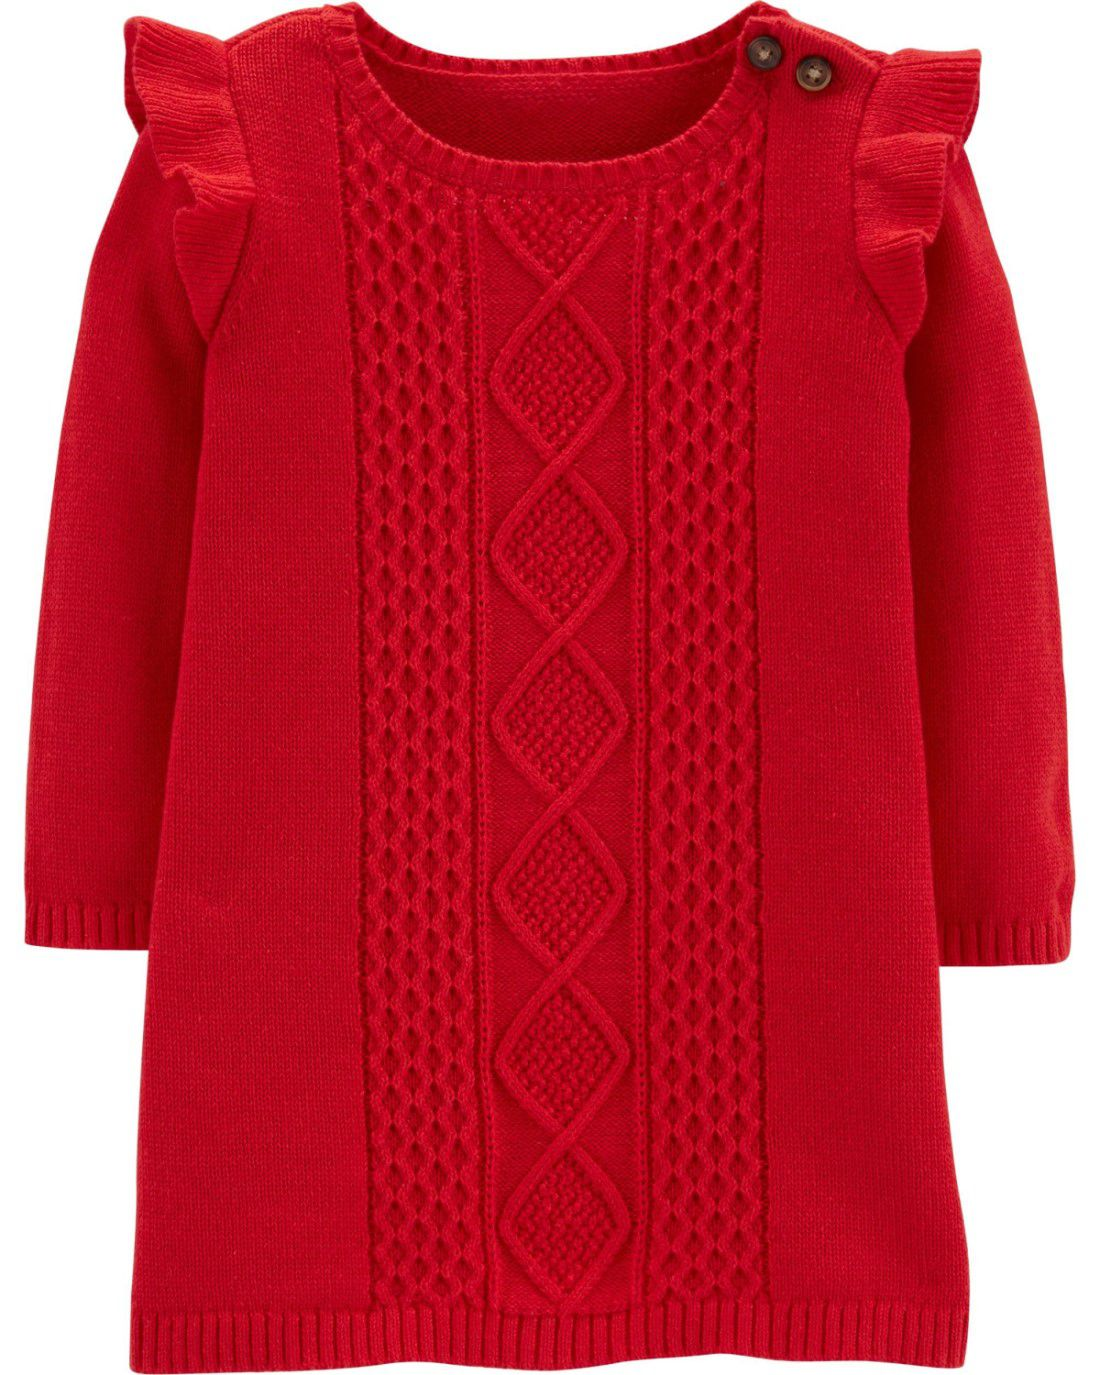 Vestido Carters Vermelho